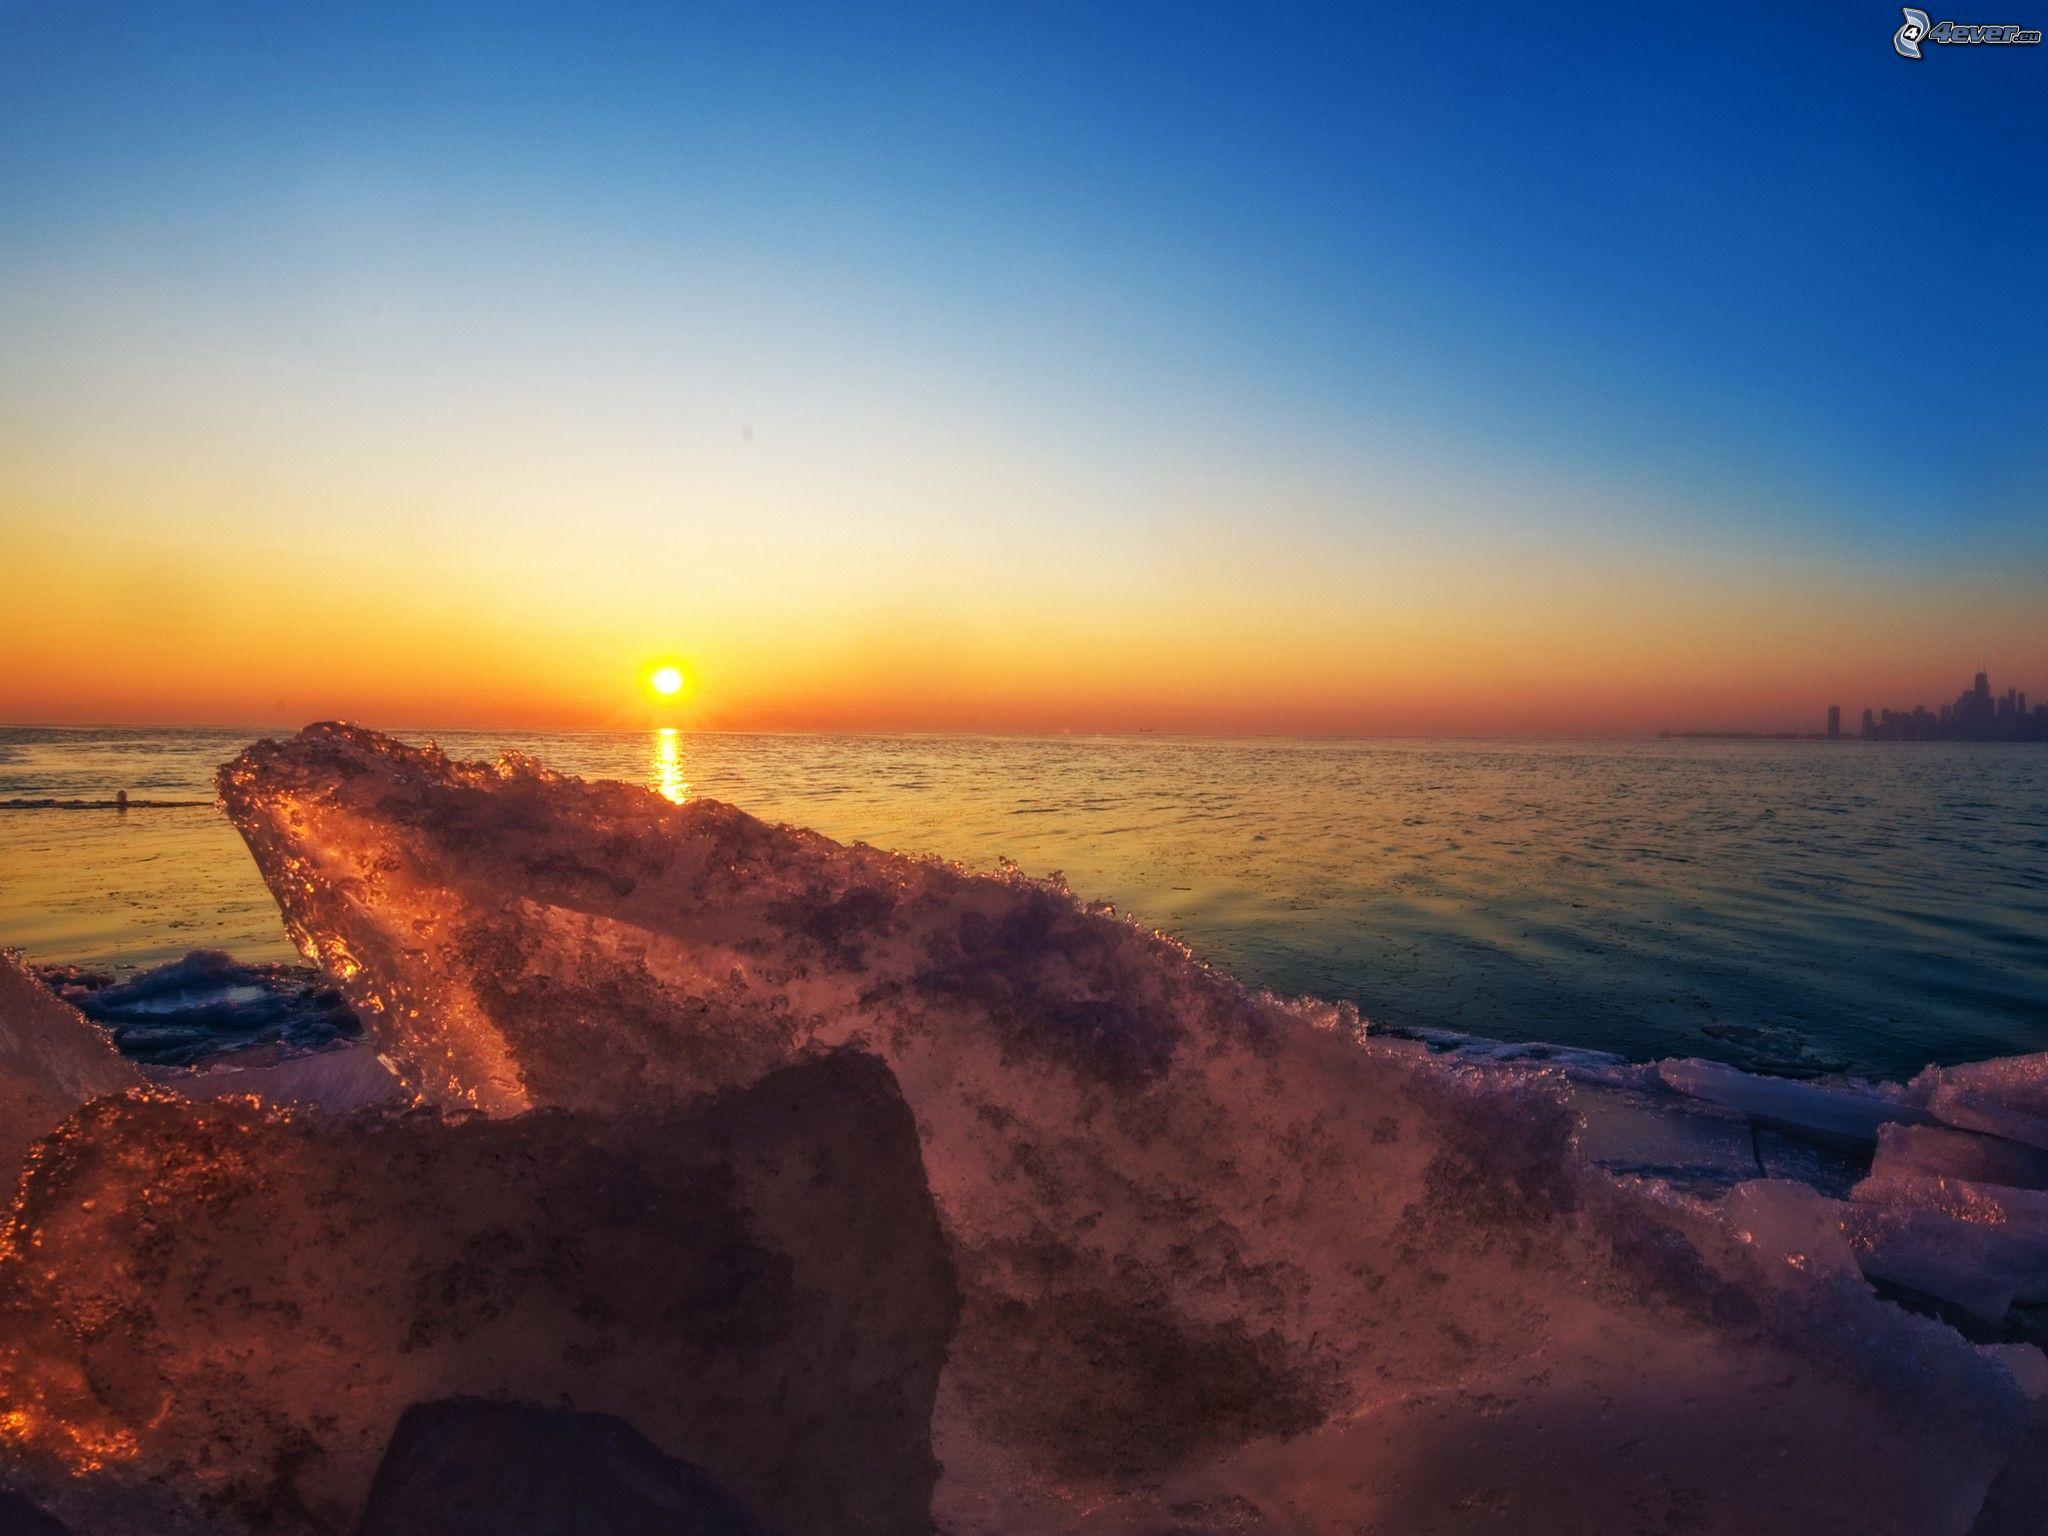 Tramonto sul mare for Immagini sfondo mare